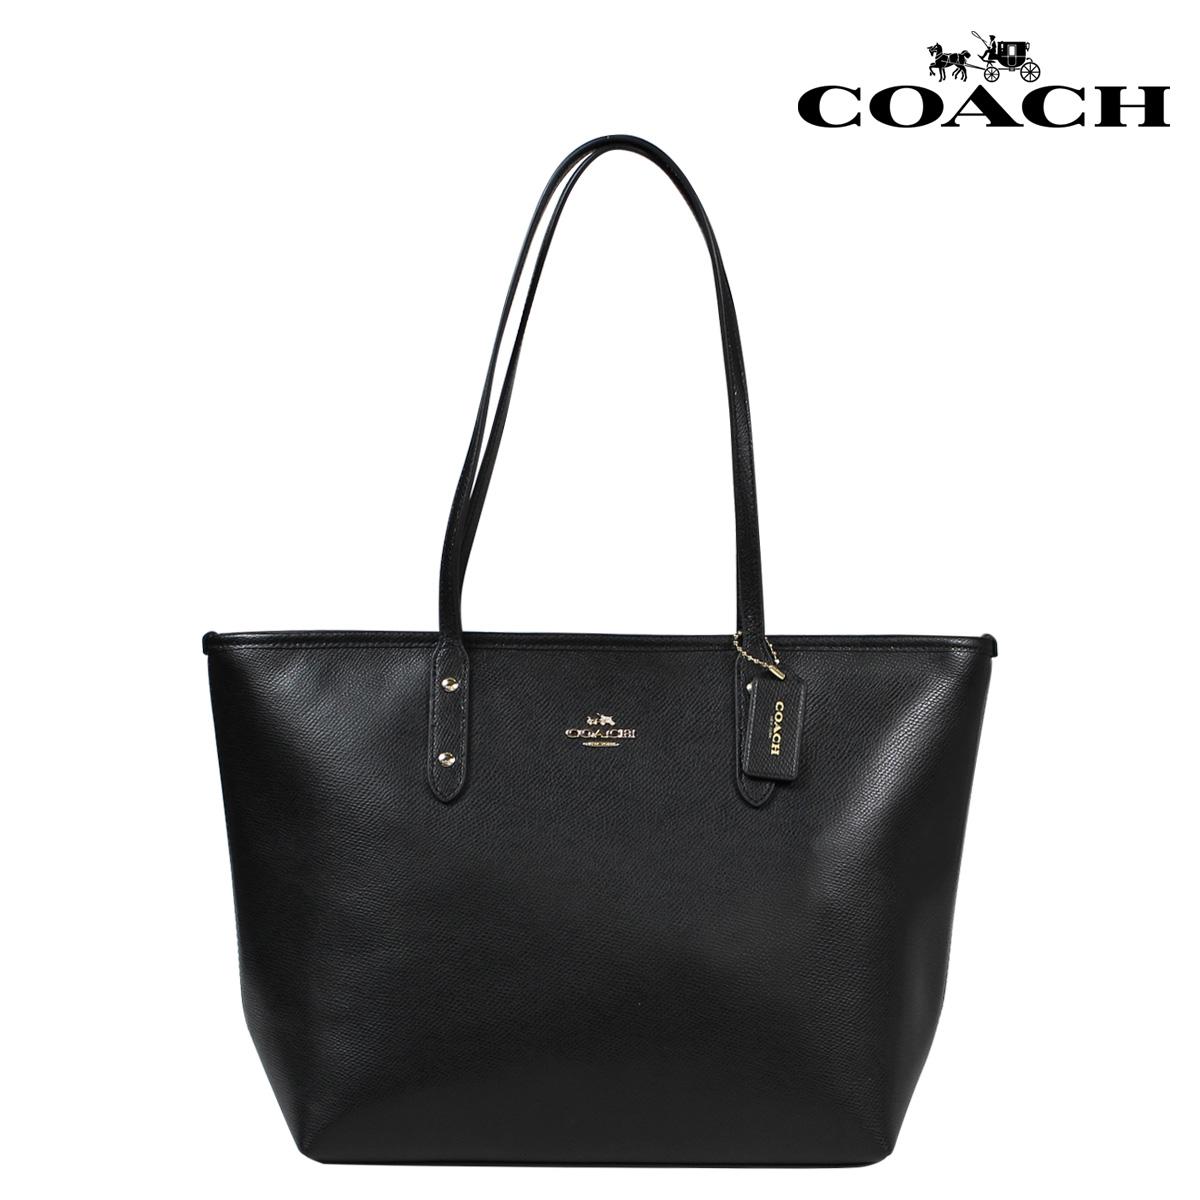 ddad8a115b6b COACH coach bag tote bag F36875 black women s